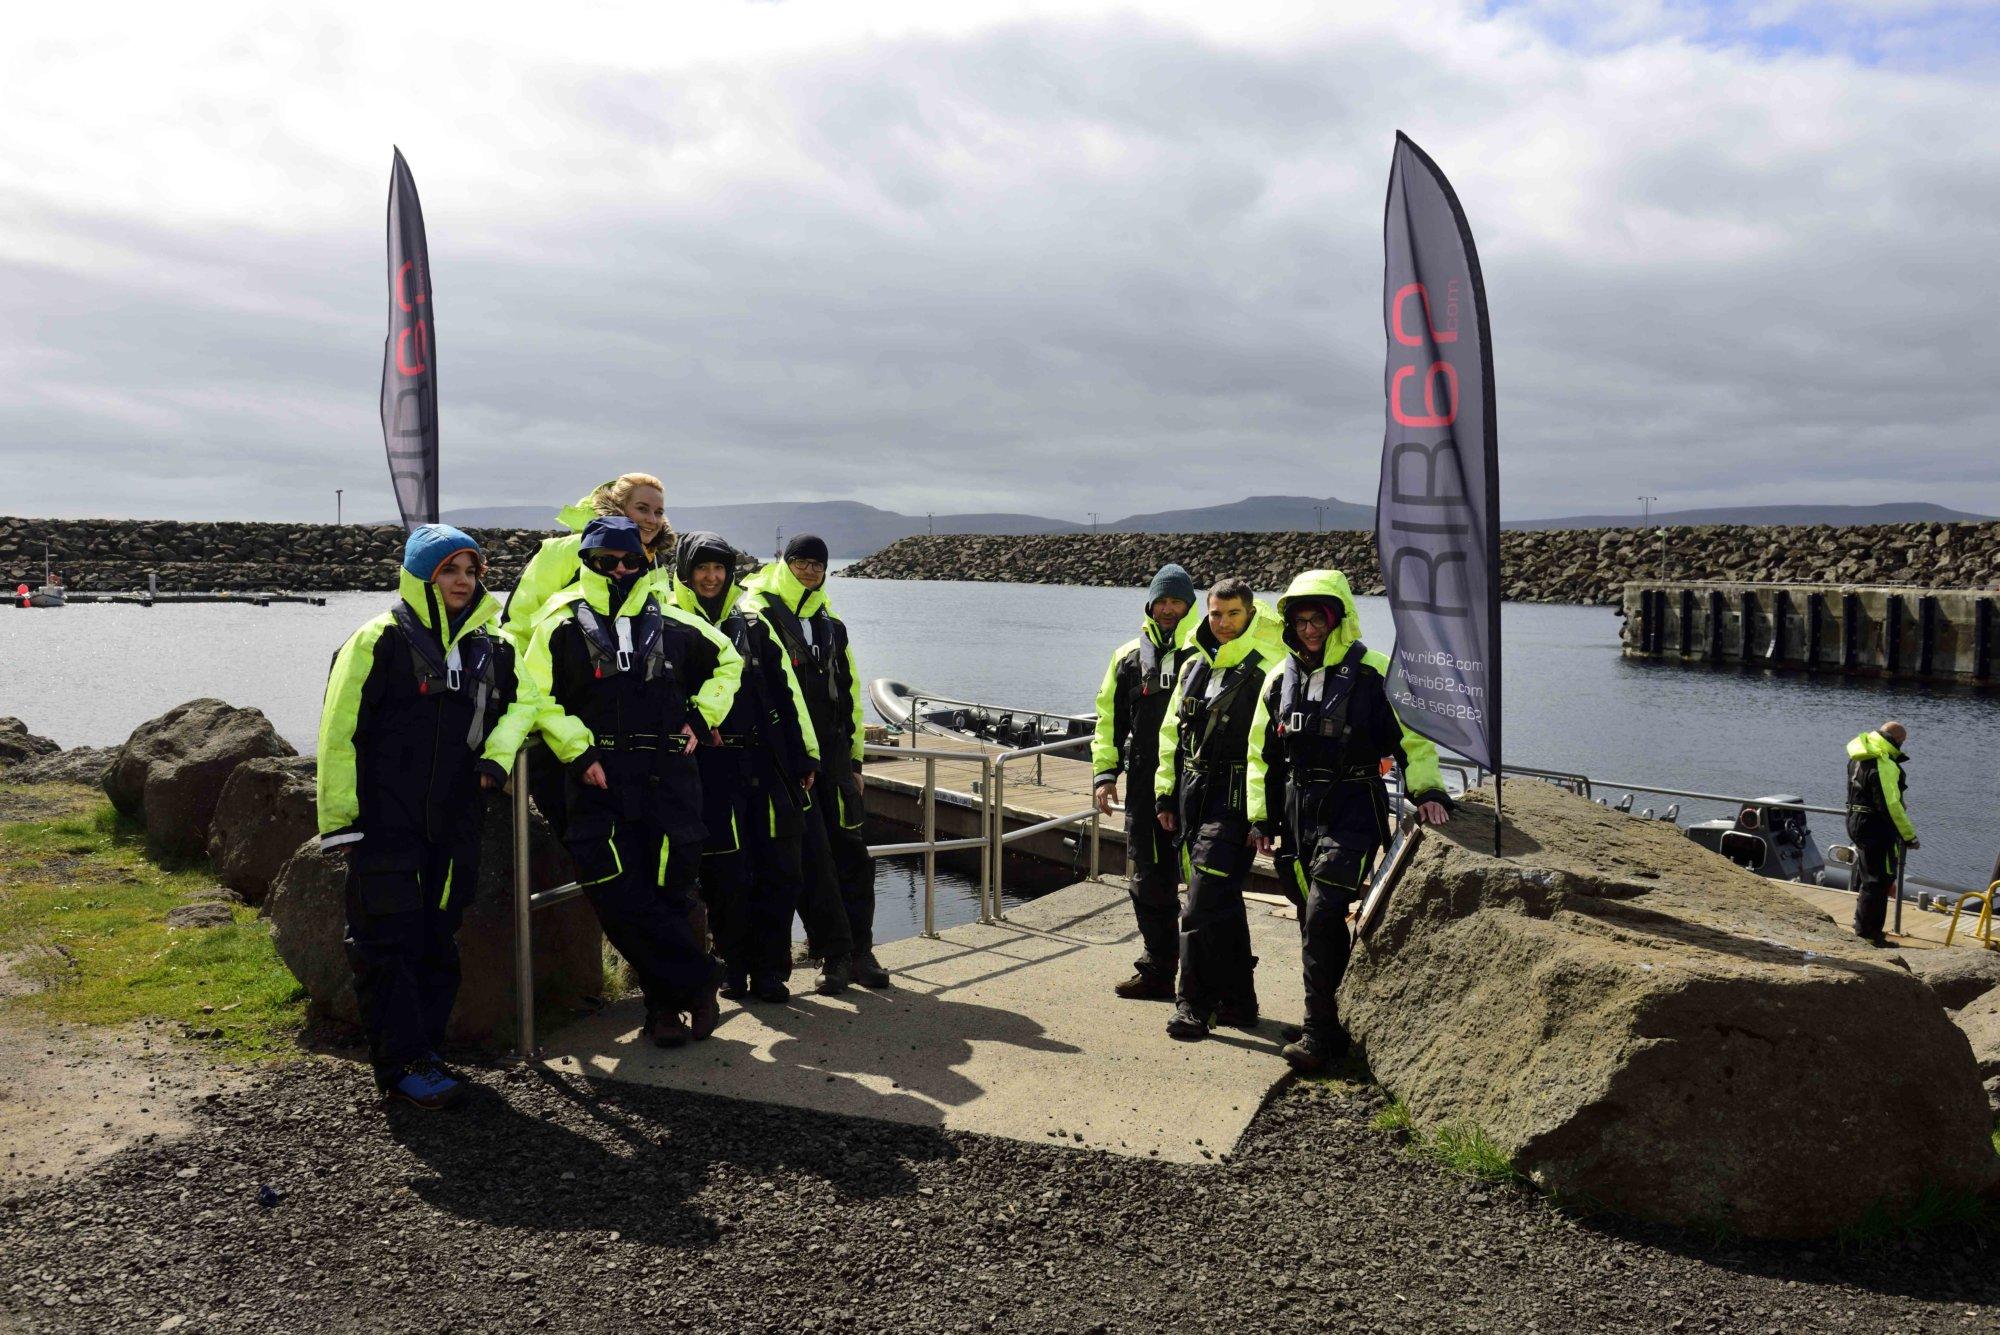 Przygotowania do rejsu szybkim pontonem typu RIB na Wyspach Owczych